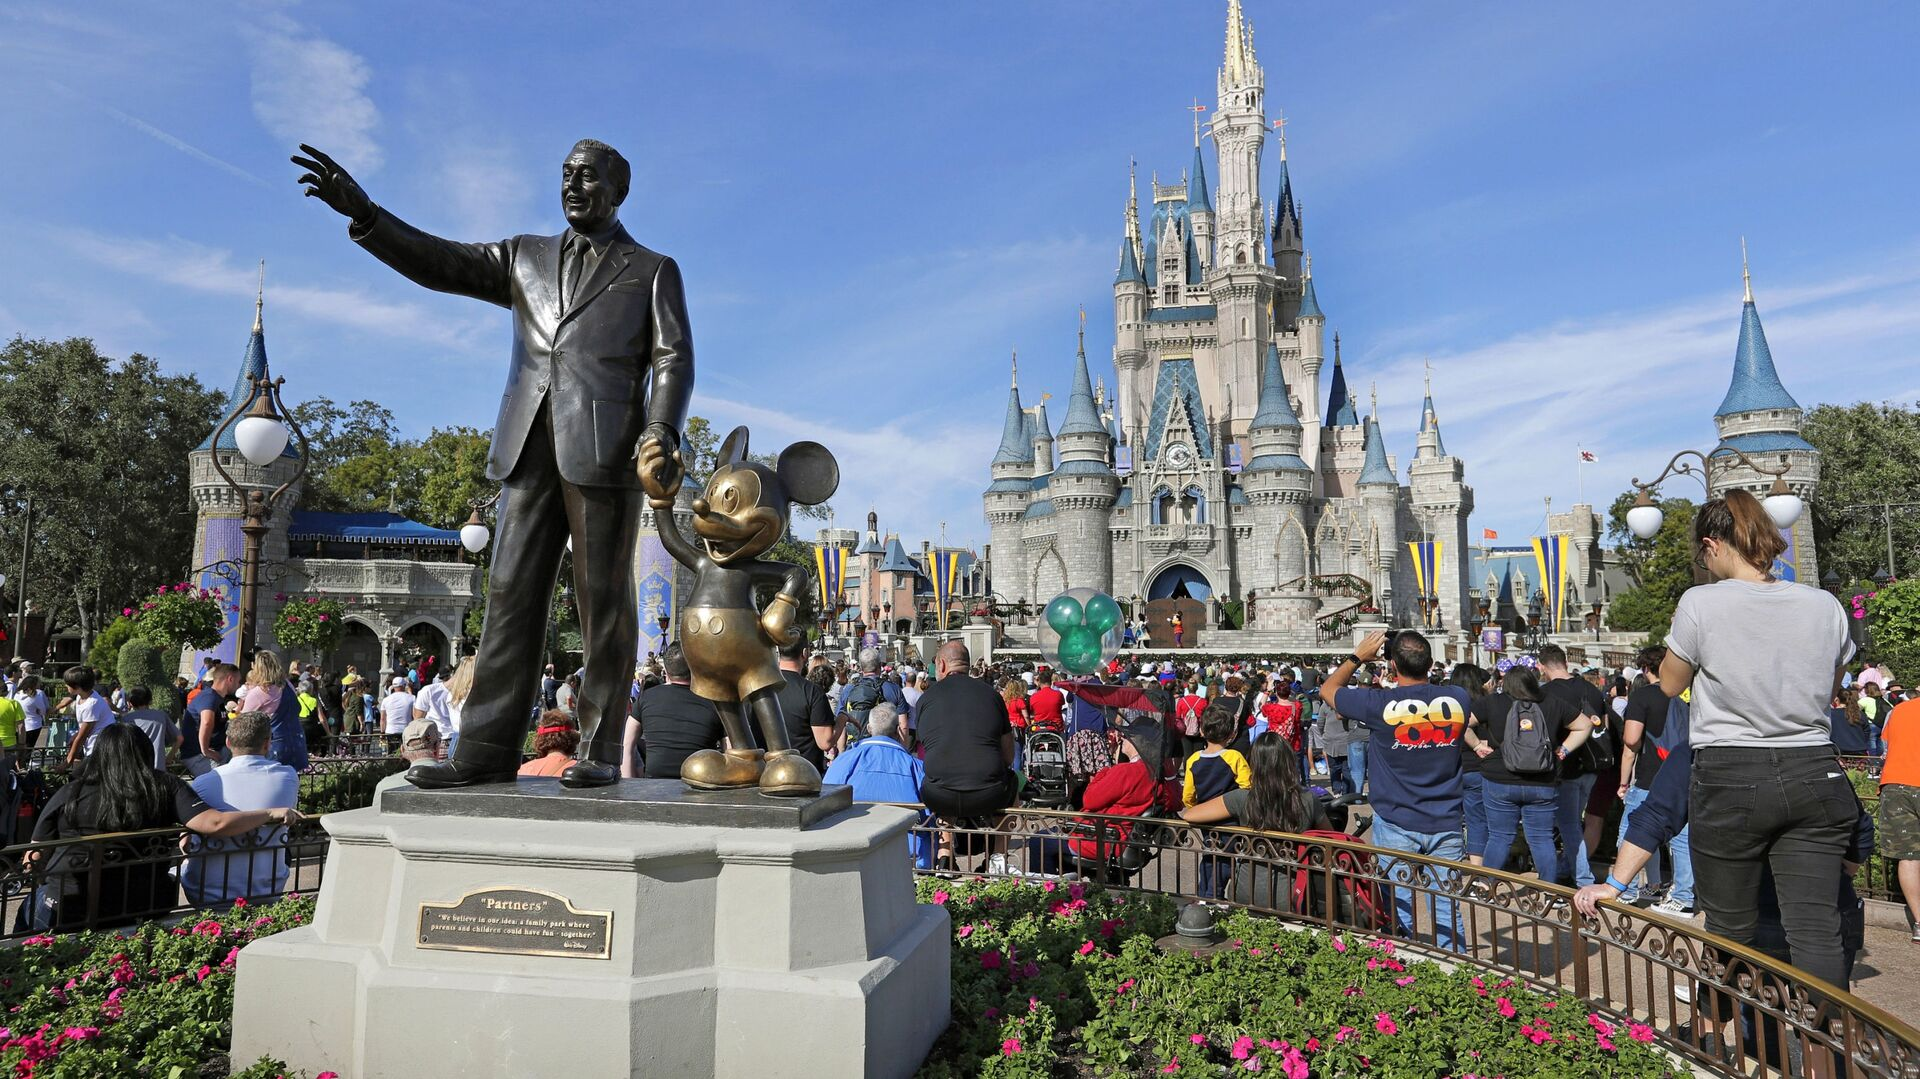 El parque de Disney en Orlando, EEUU - Sputnik Mundo, 1920, 02.03.2021